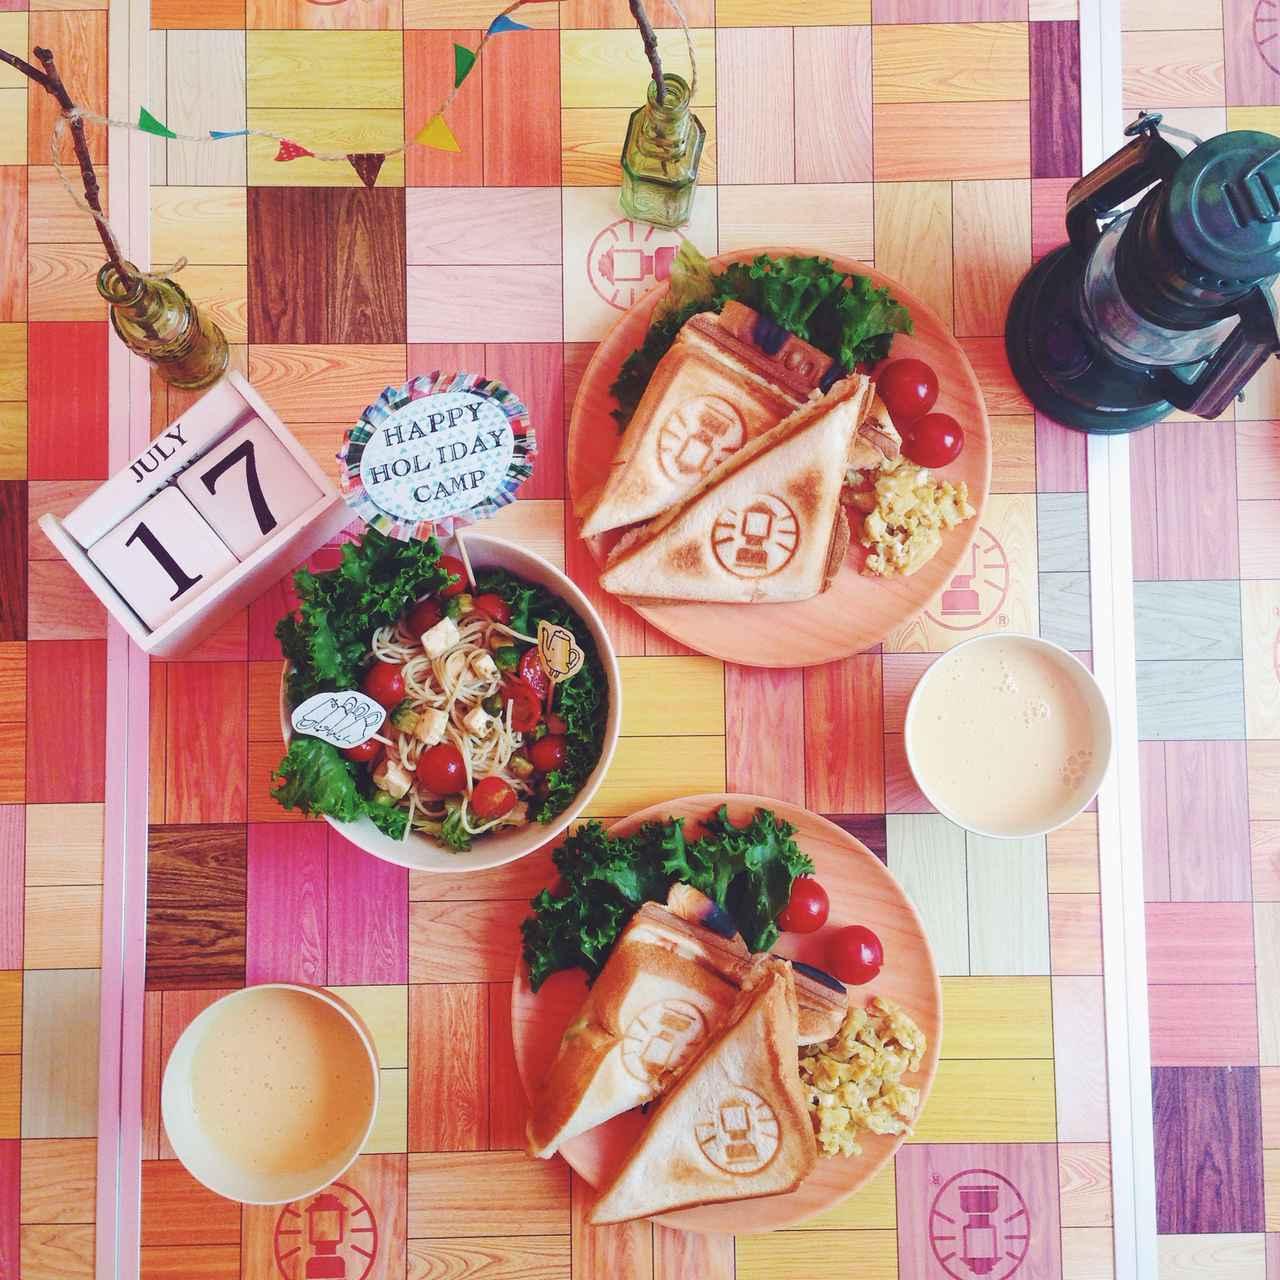 画像: 折り畳み式、軽量アウトドアテーブル4選! ピクニックやデイキャンプなどにおすすめ - ハピキャン(HAPPY CAMPER)